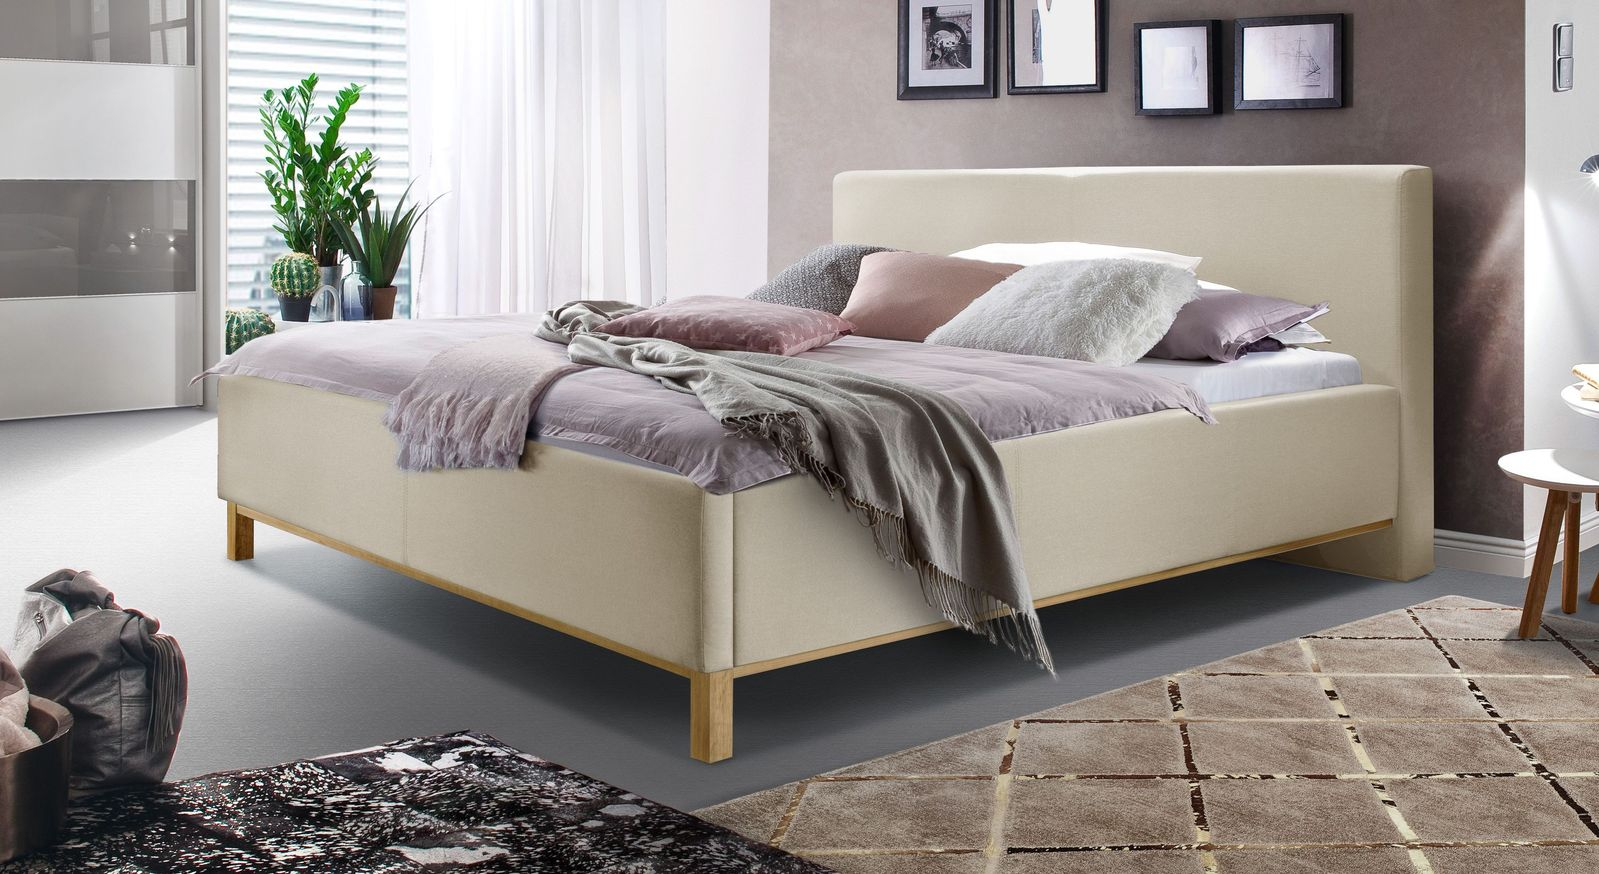 Bett Tranquilo aus feinem Webstoff in Beige